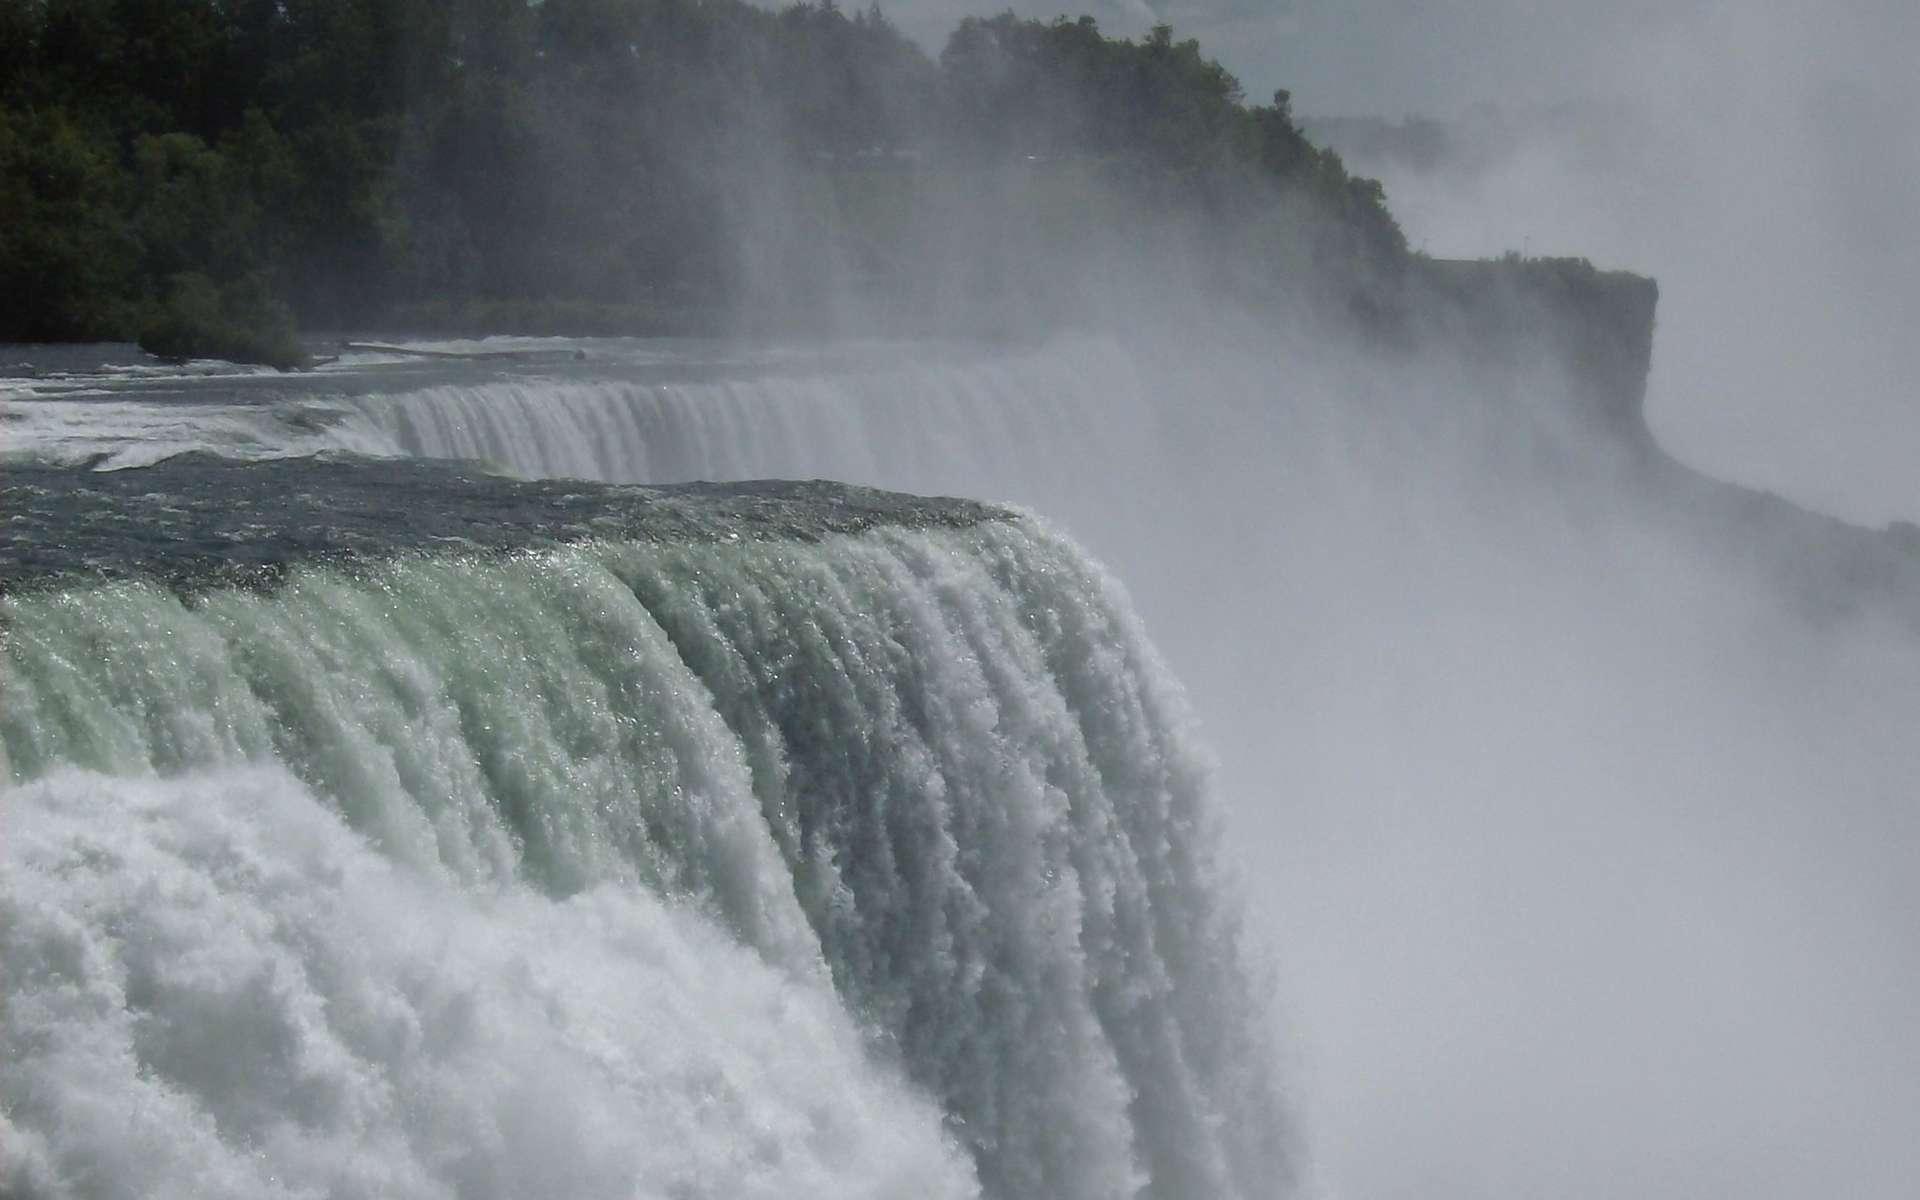 Les chutes du Niagara à la frontière entre le Canada et les États-Unis. © Ian Peters, Flickr